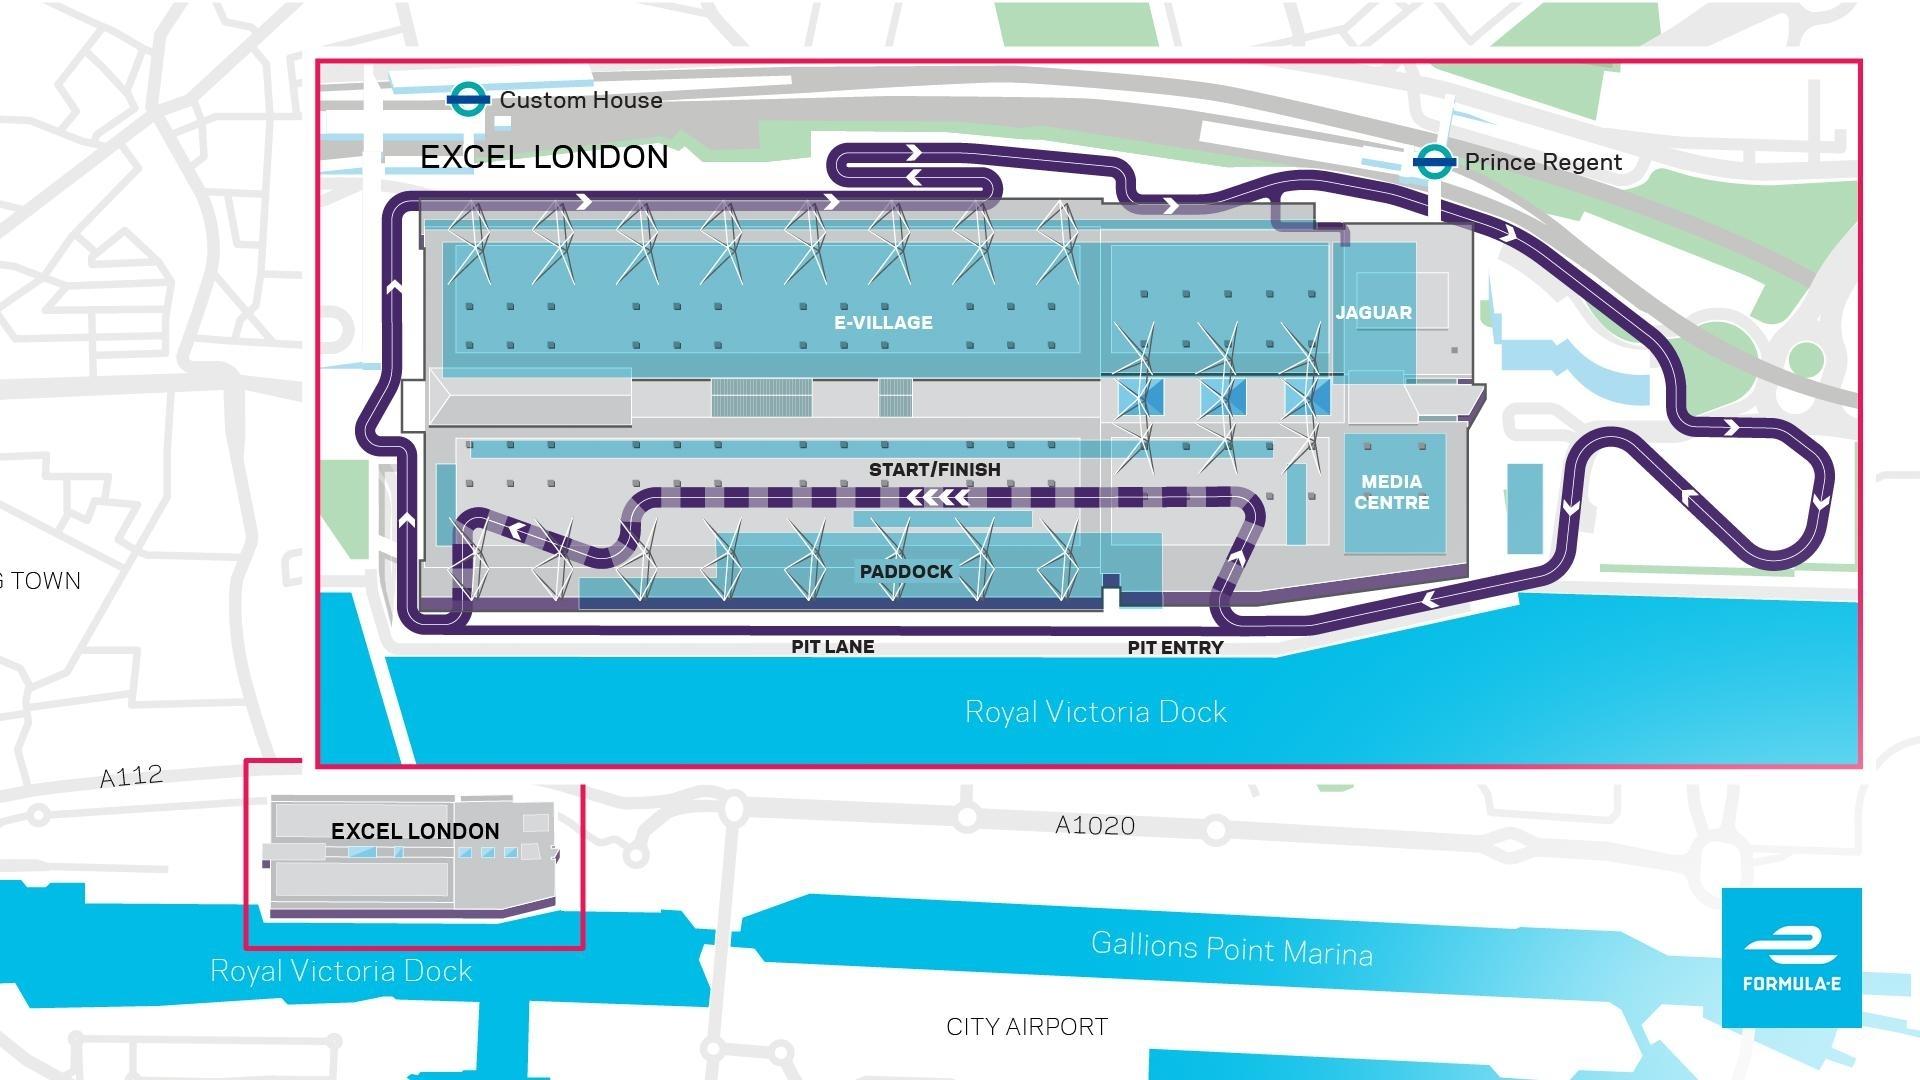 London Back On Calendar For 2020 - E-Racing intended for Formula E 2019 2020 Calendar